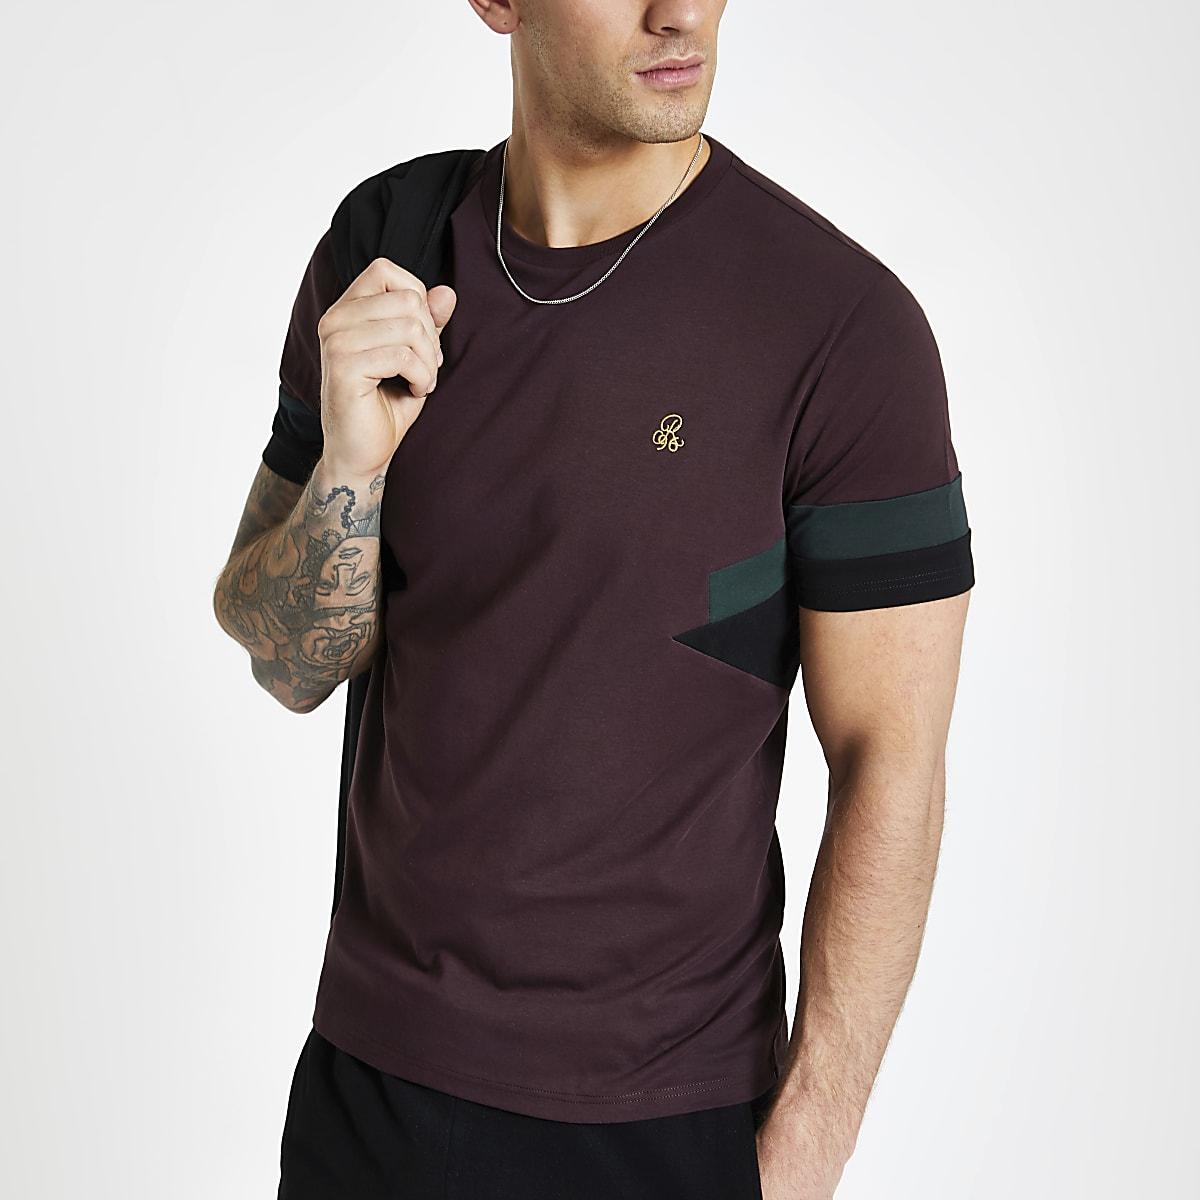 R96 burgundy slim fit short sleeve T-shirt